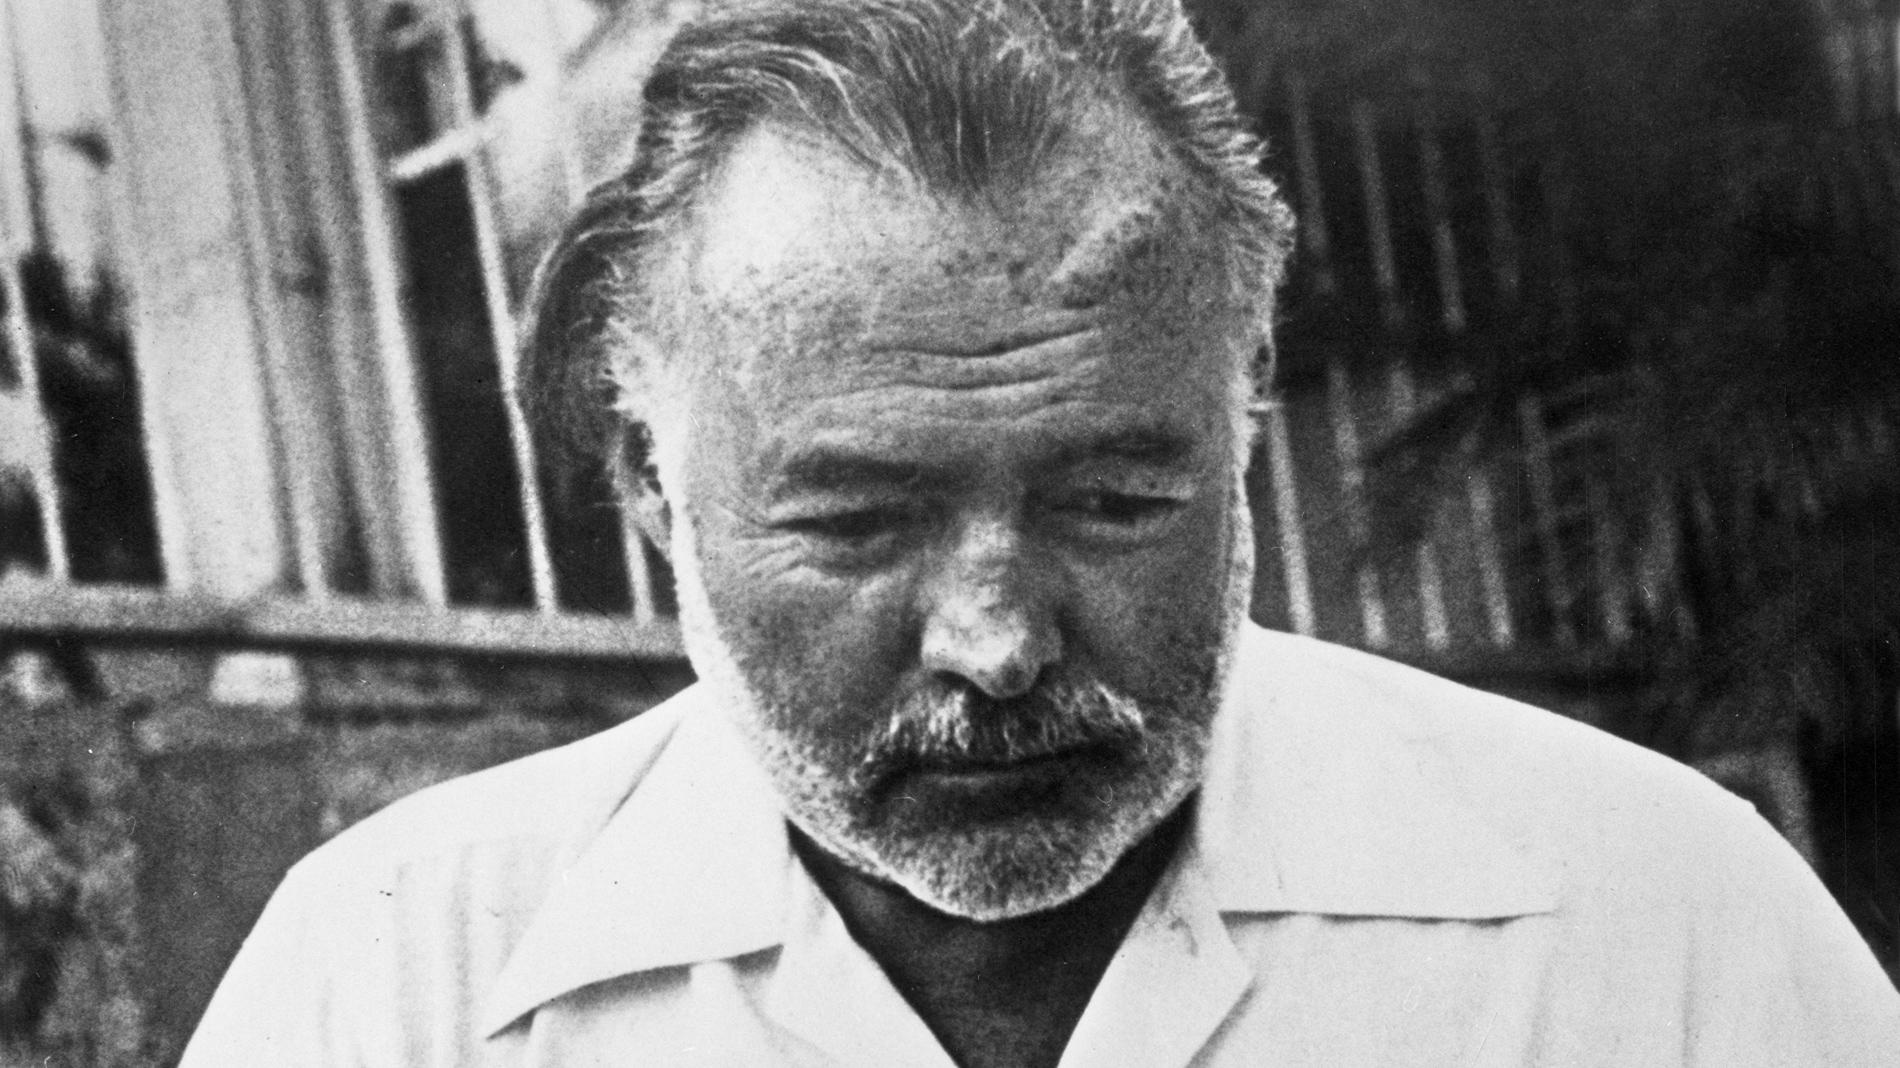 Publican un relato inédito de Hemingway - RTVE.es